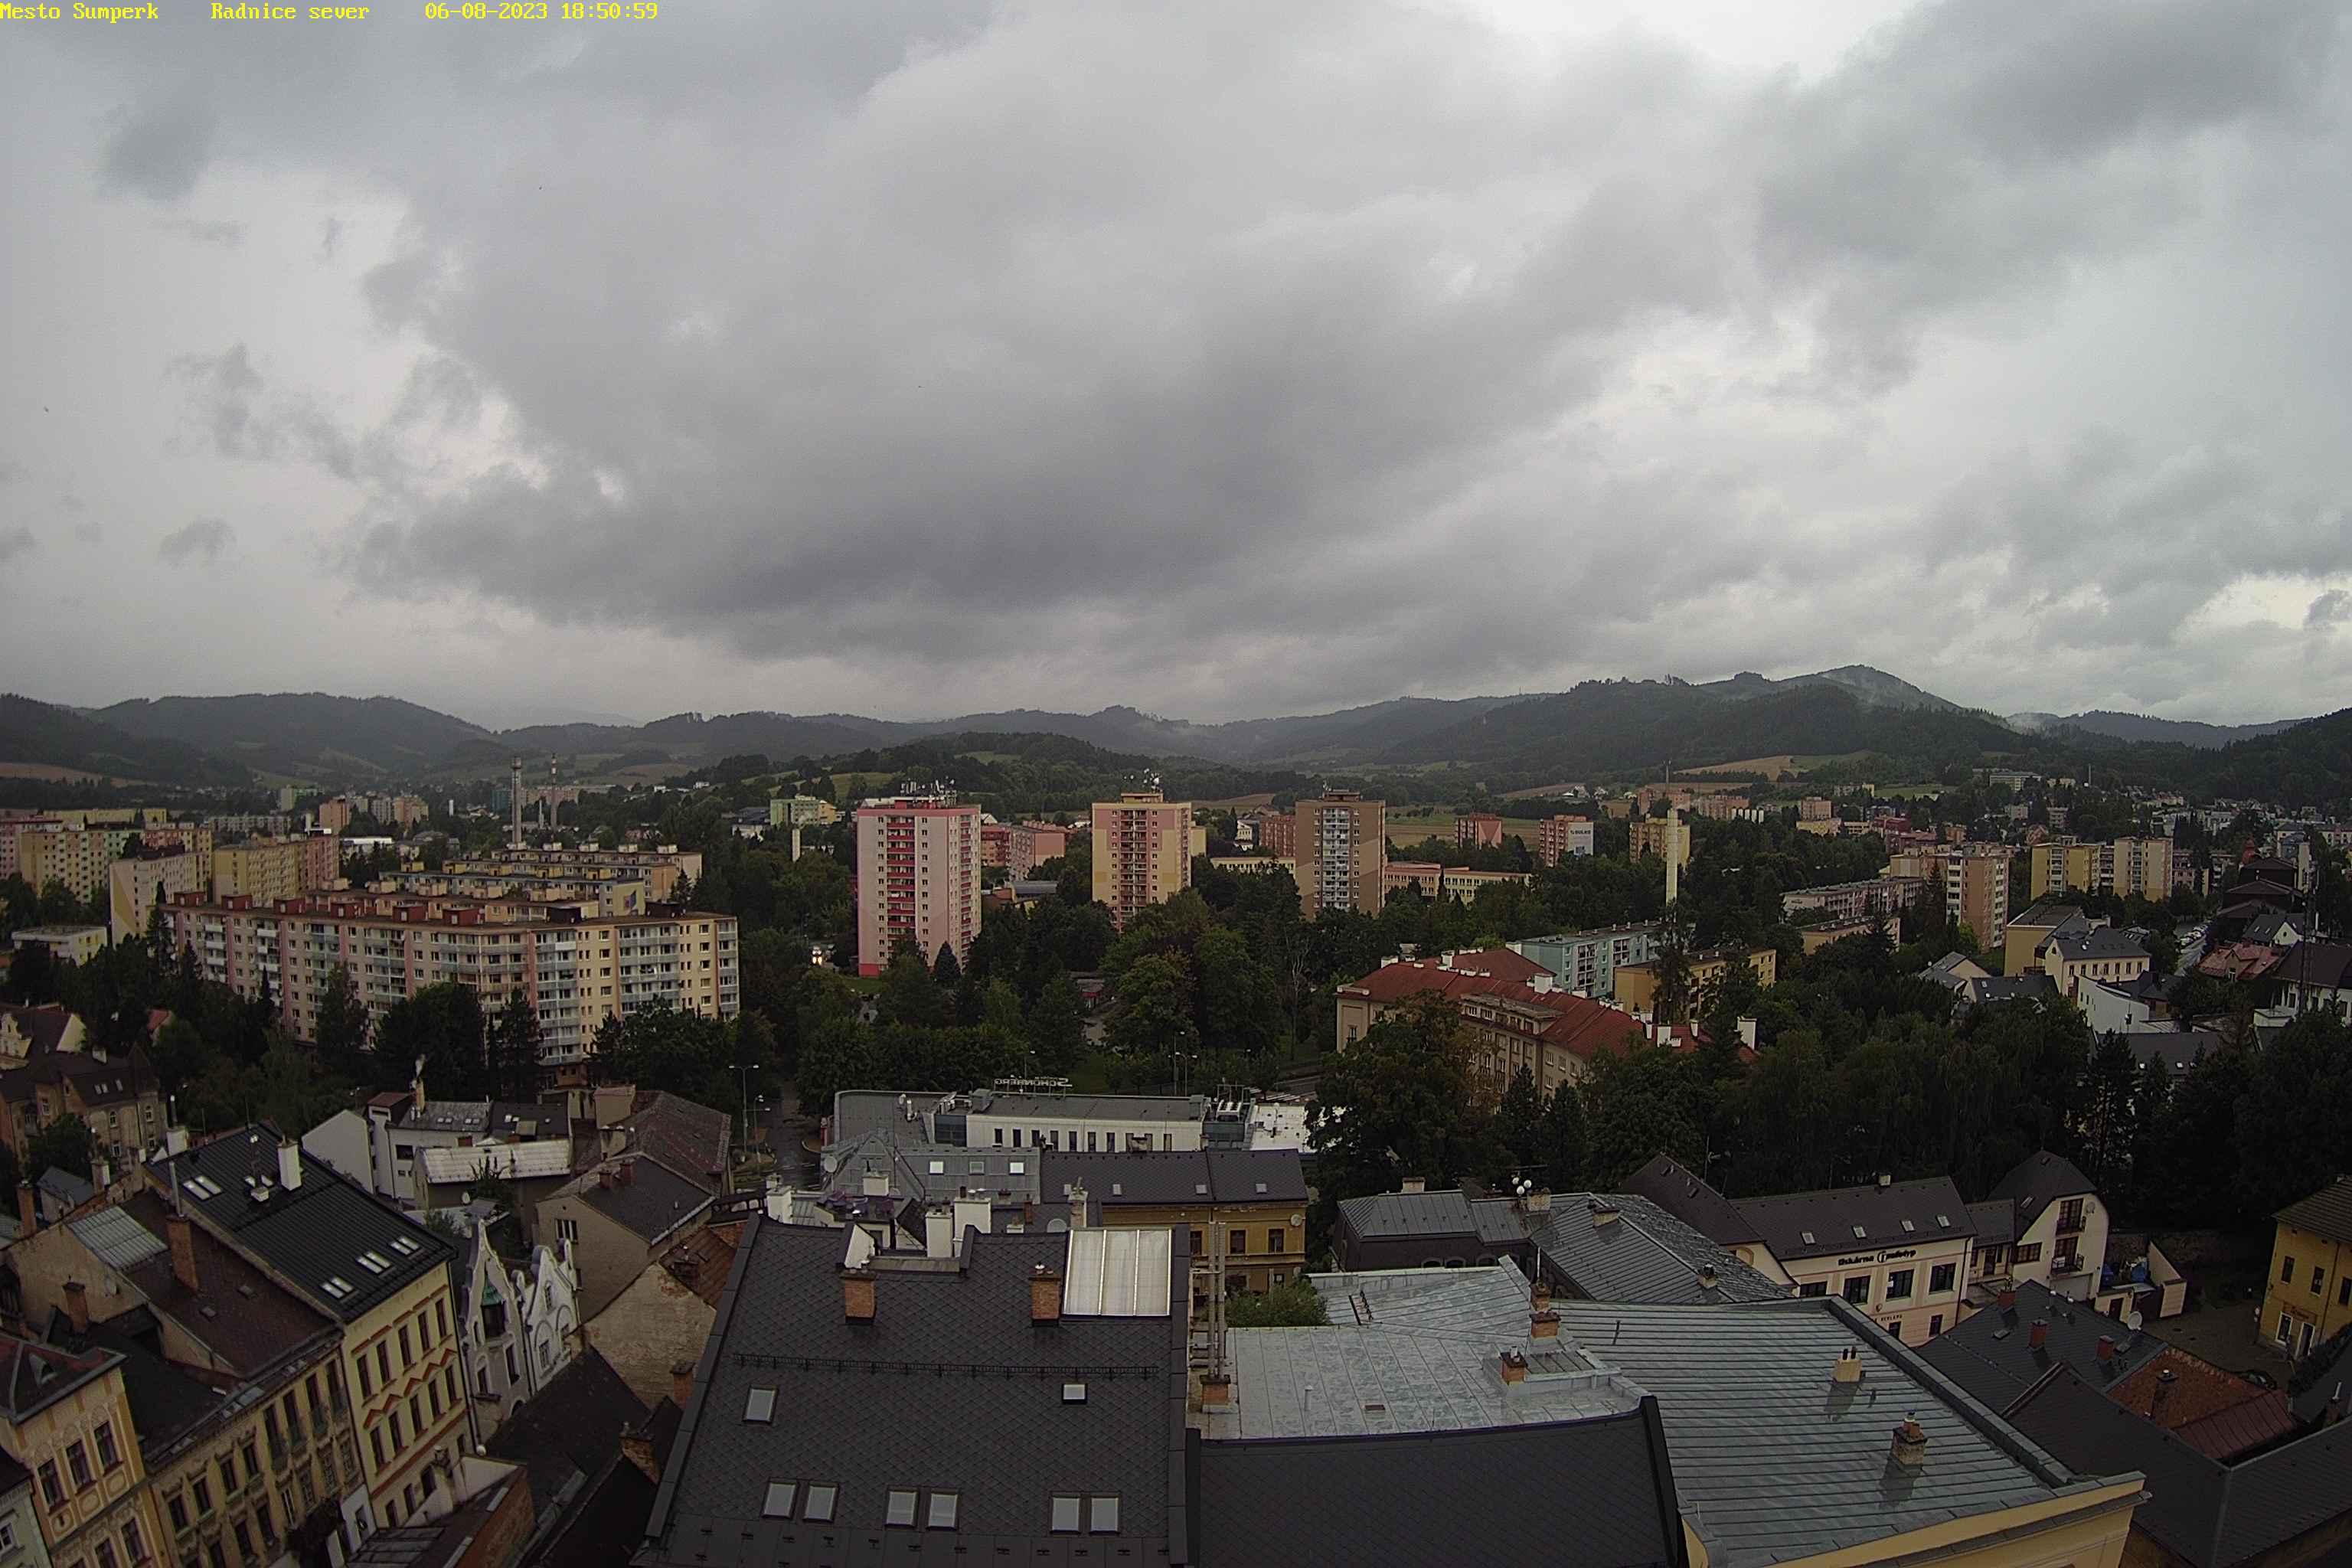 Webkamera - Šumperk